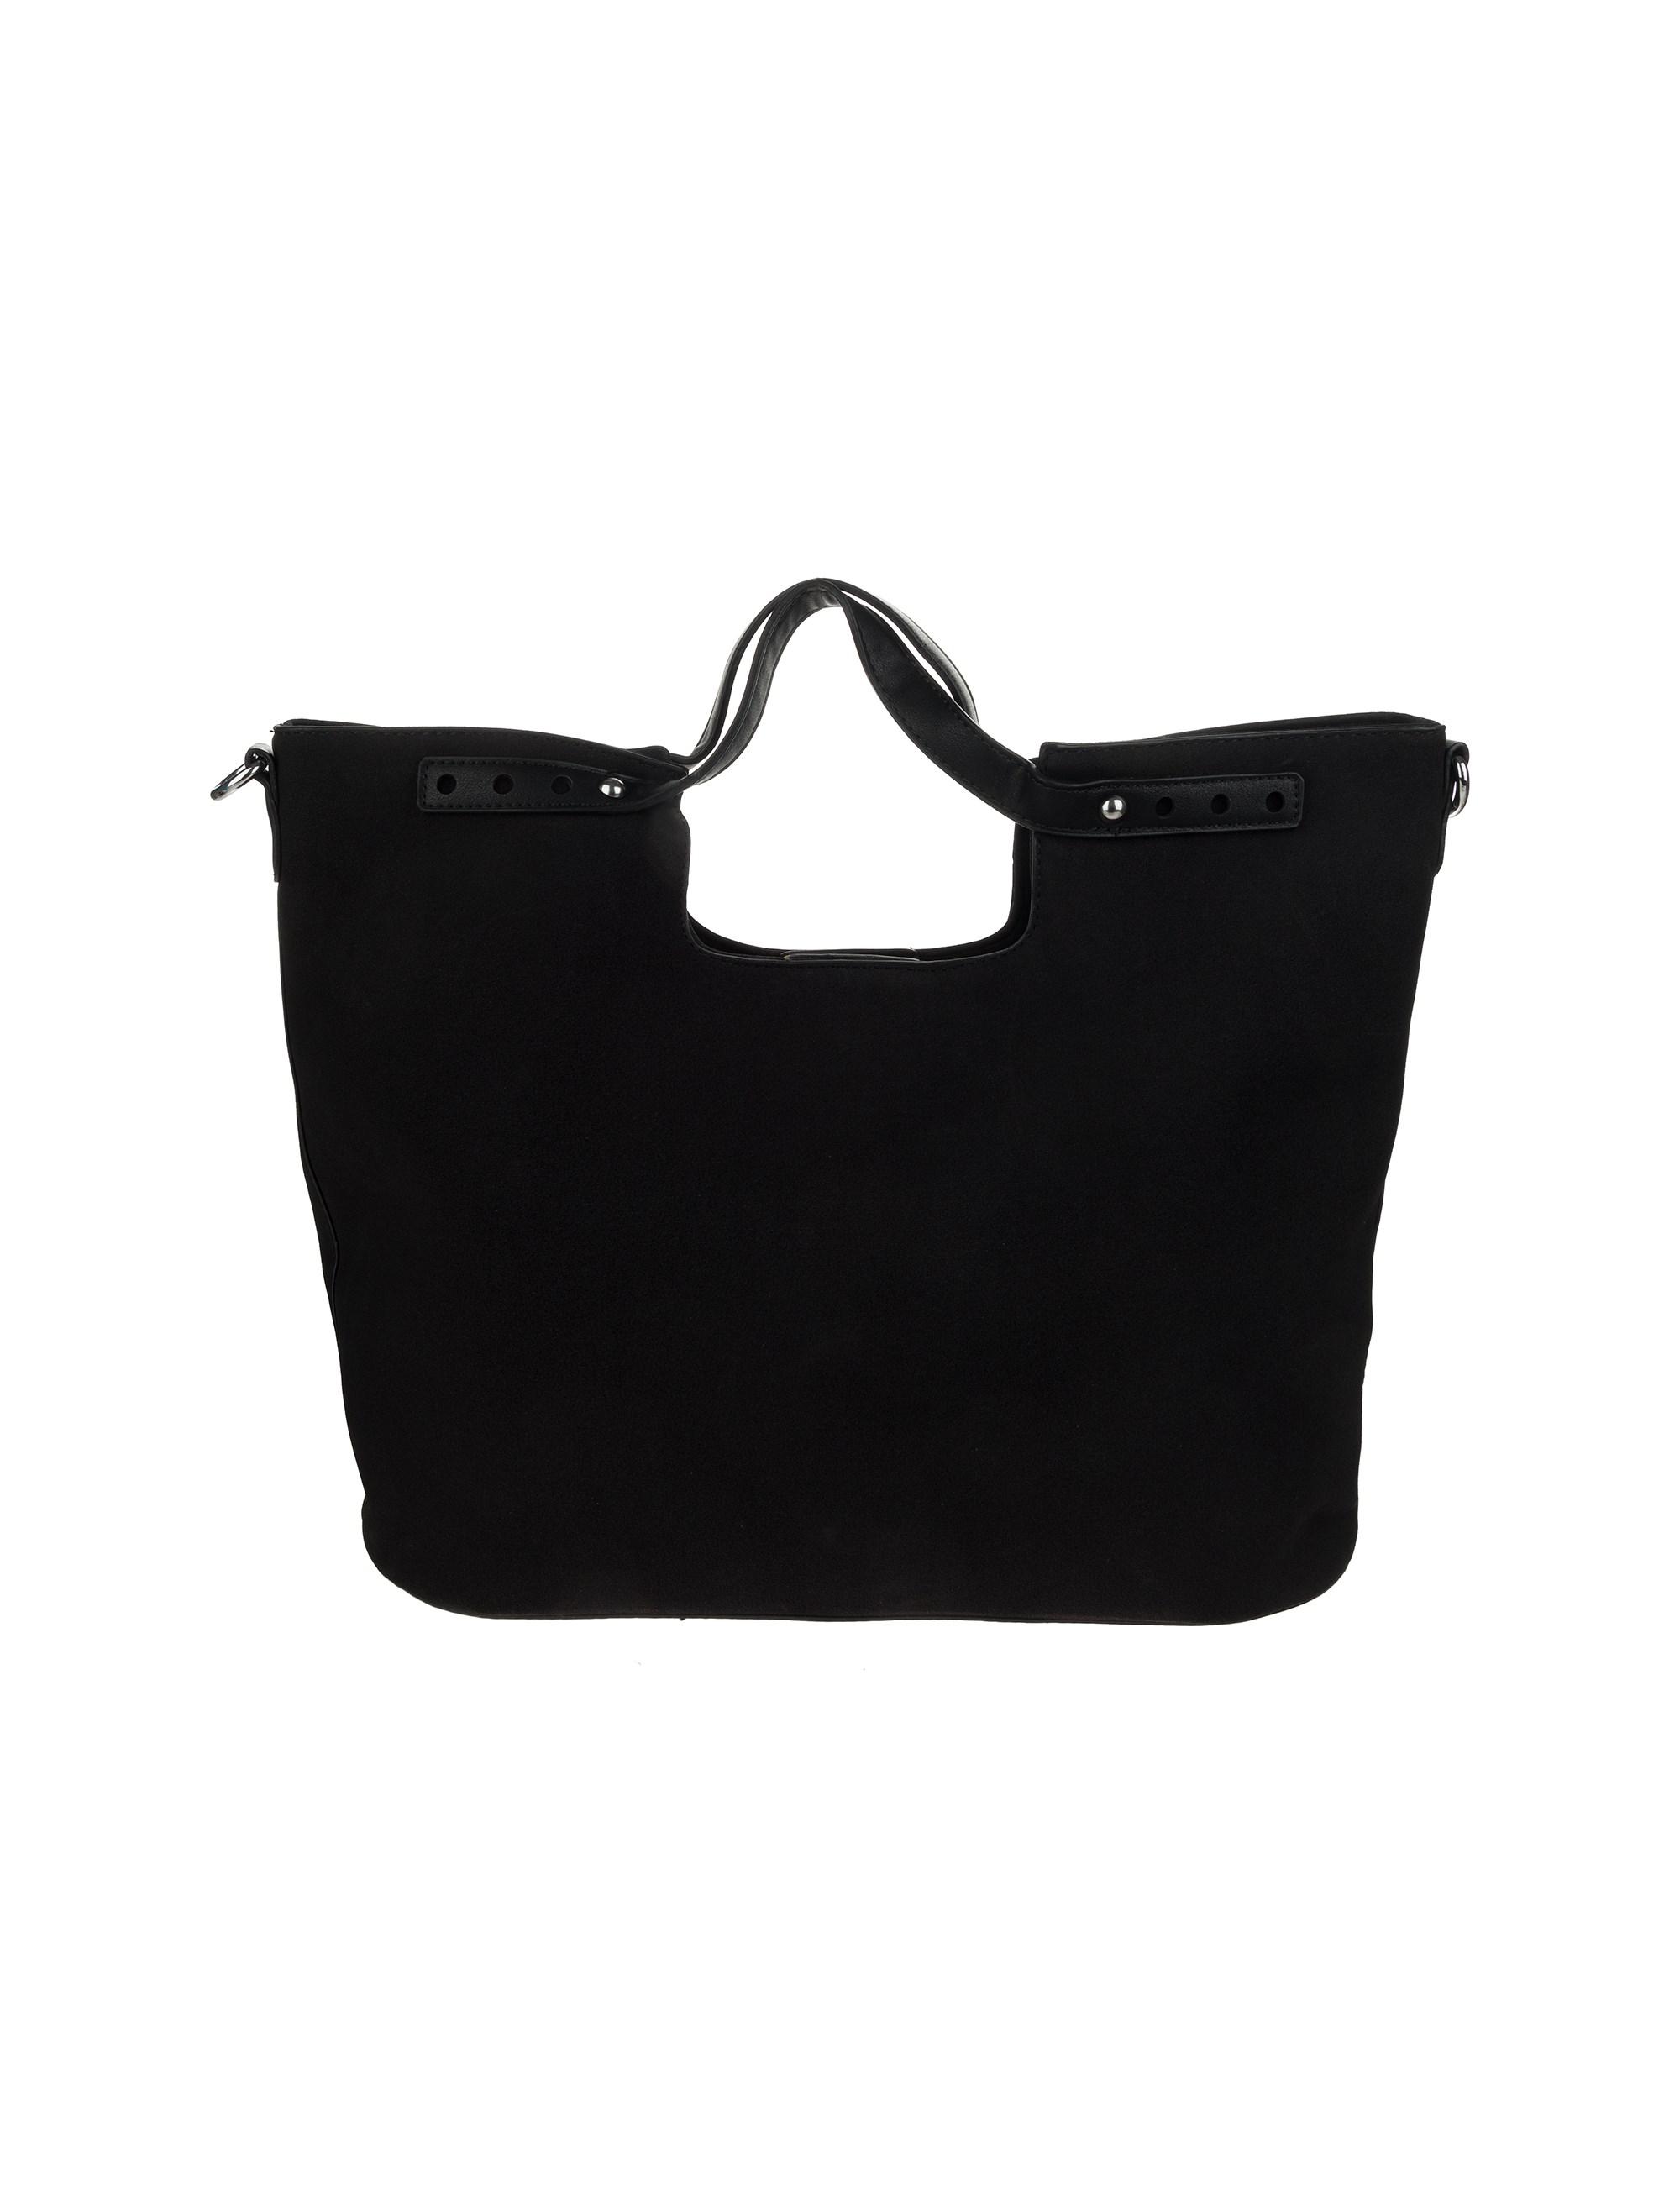 کیف دستی روزمره زنانه - شانتال تک سایز - مشکي  - 3